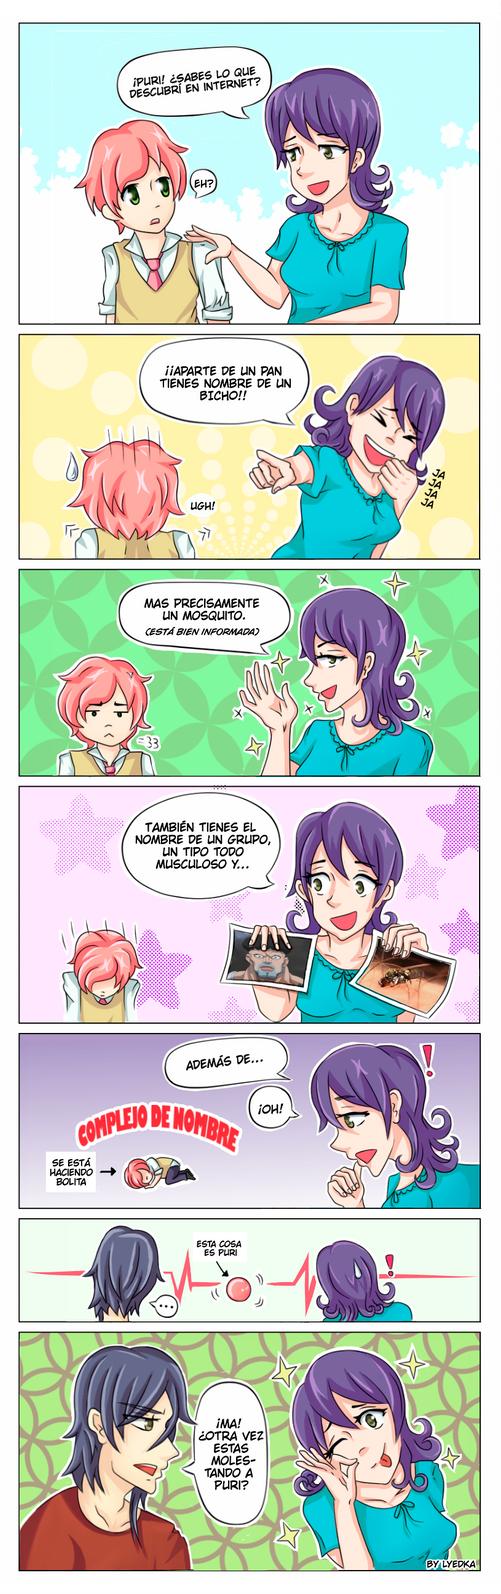 Puri-Puri [Comic]